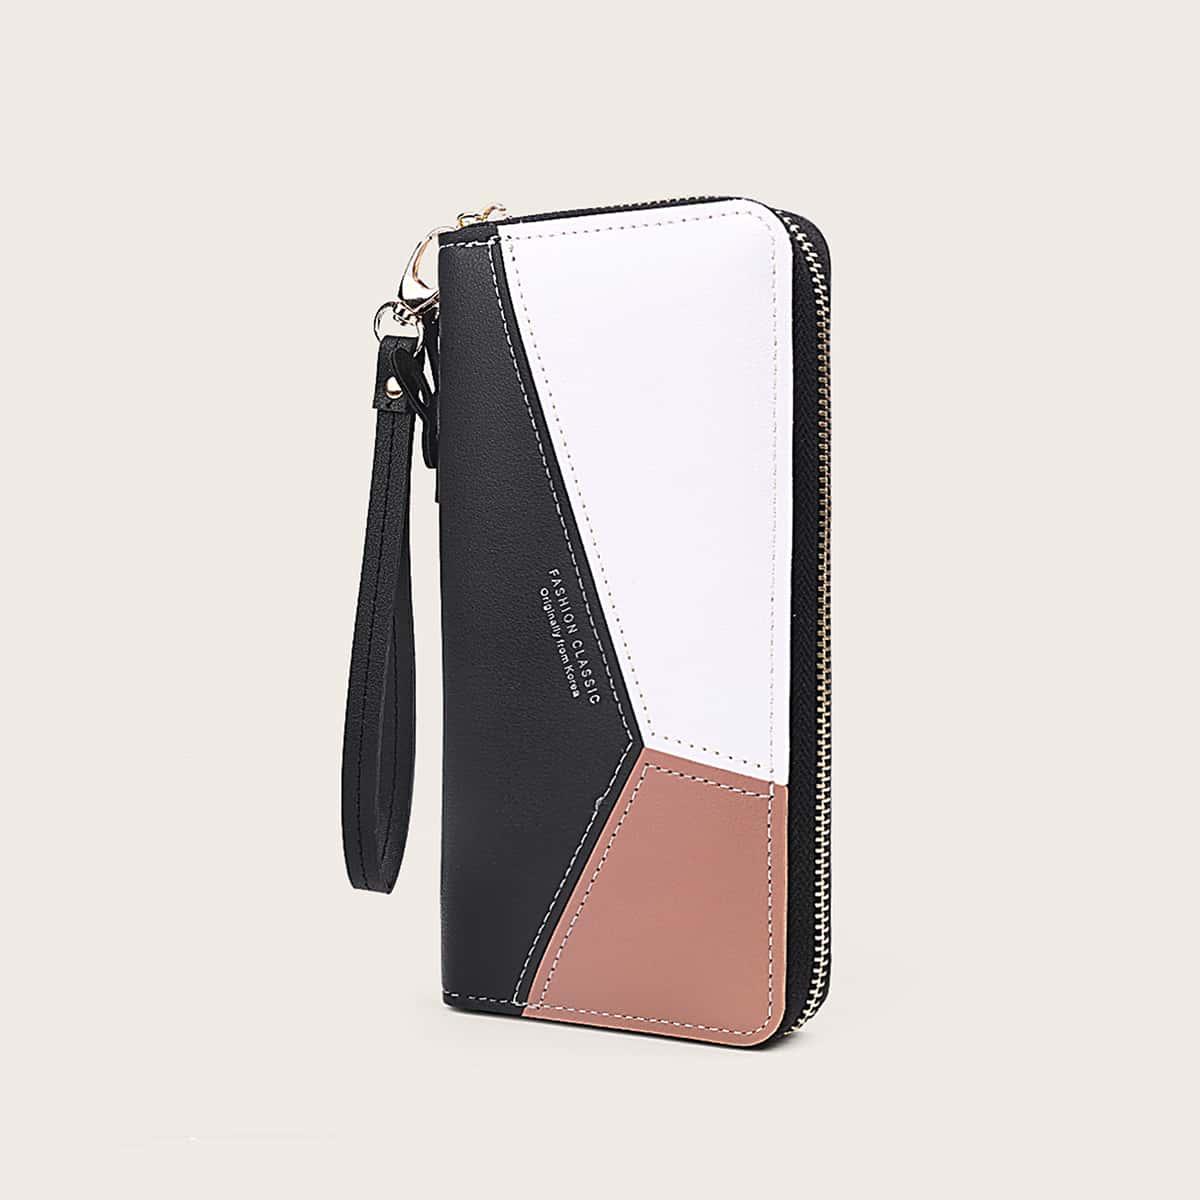 Контрастный кошелек с ремешком от SHEIN